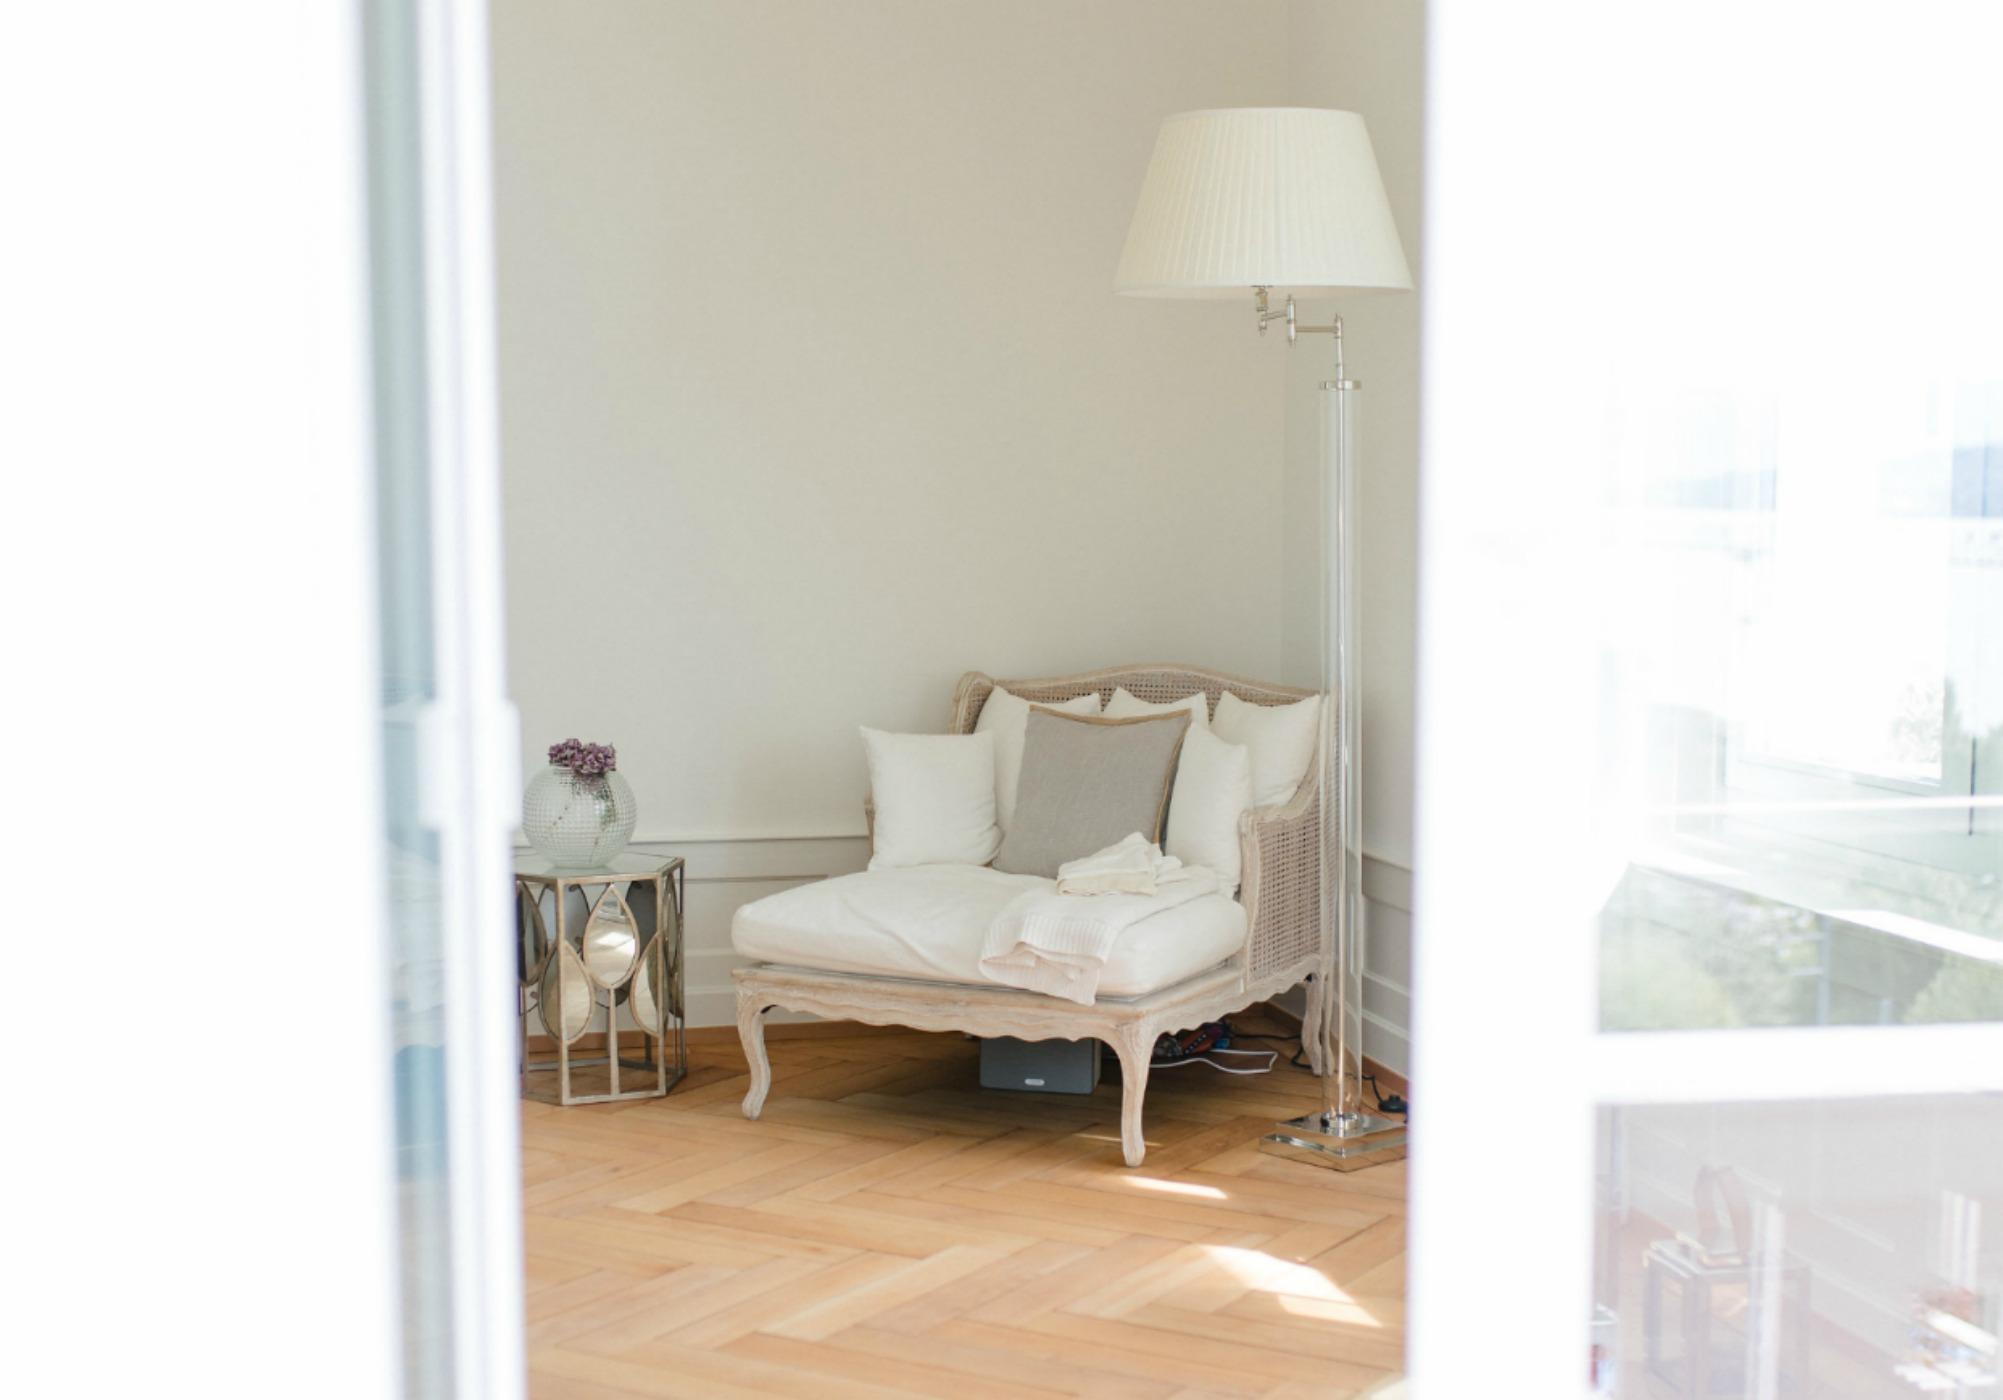 Sofia CM Interior, Home decorationand Sytle blog Zurich Switzerland.jpg